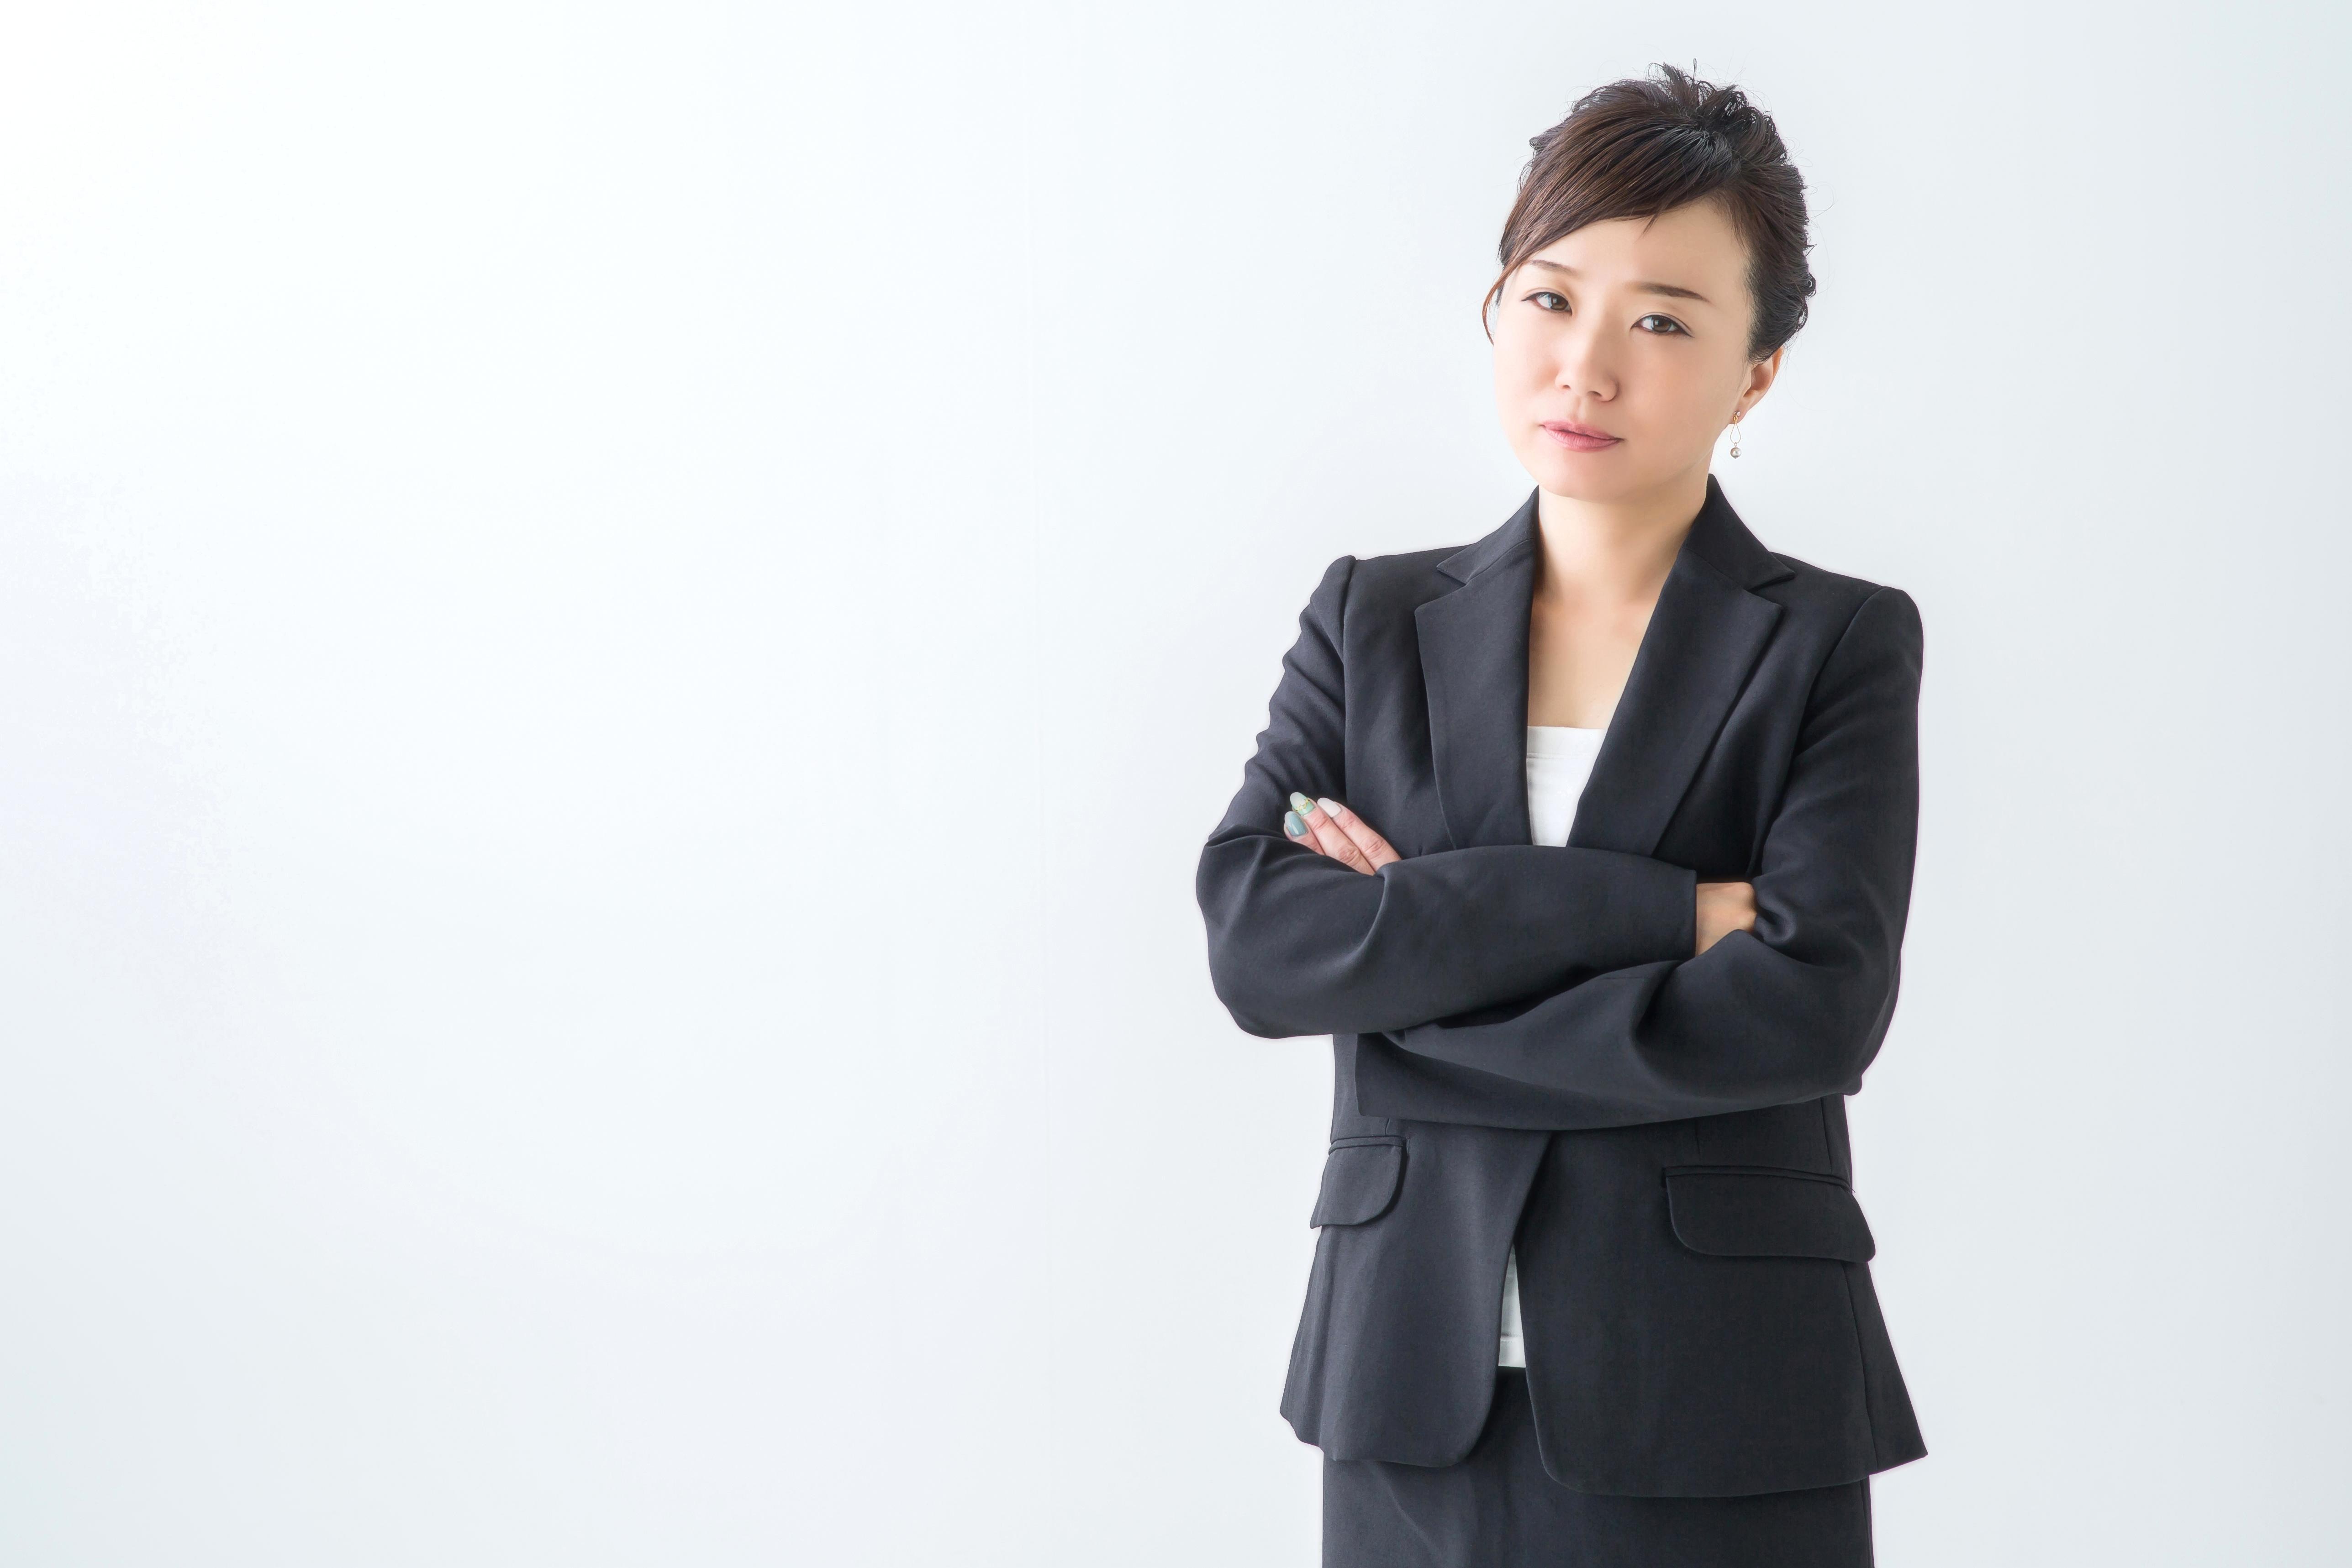 退職金制度がない会社の特徴、メリット、デメリット。退職金がなくても大丈夫?